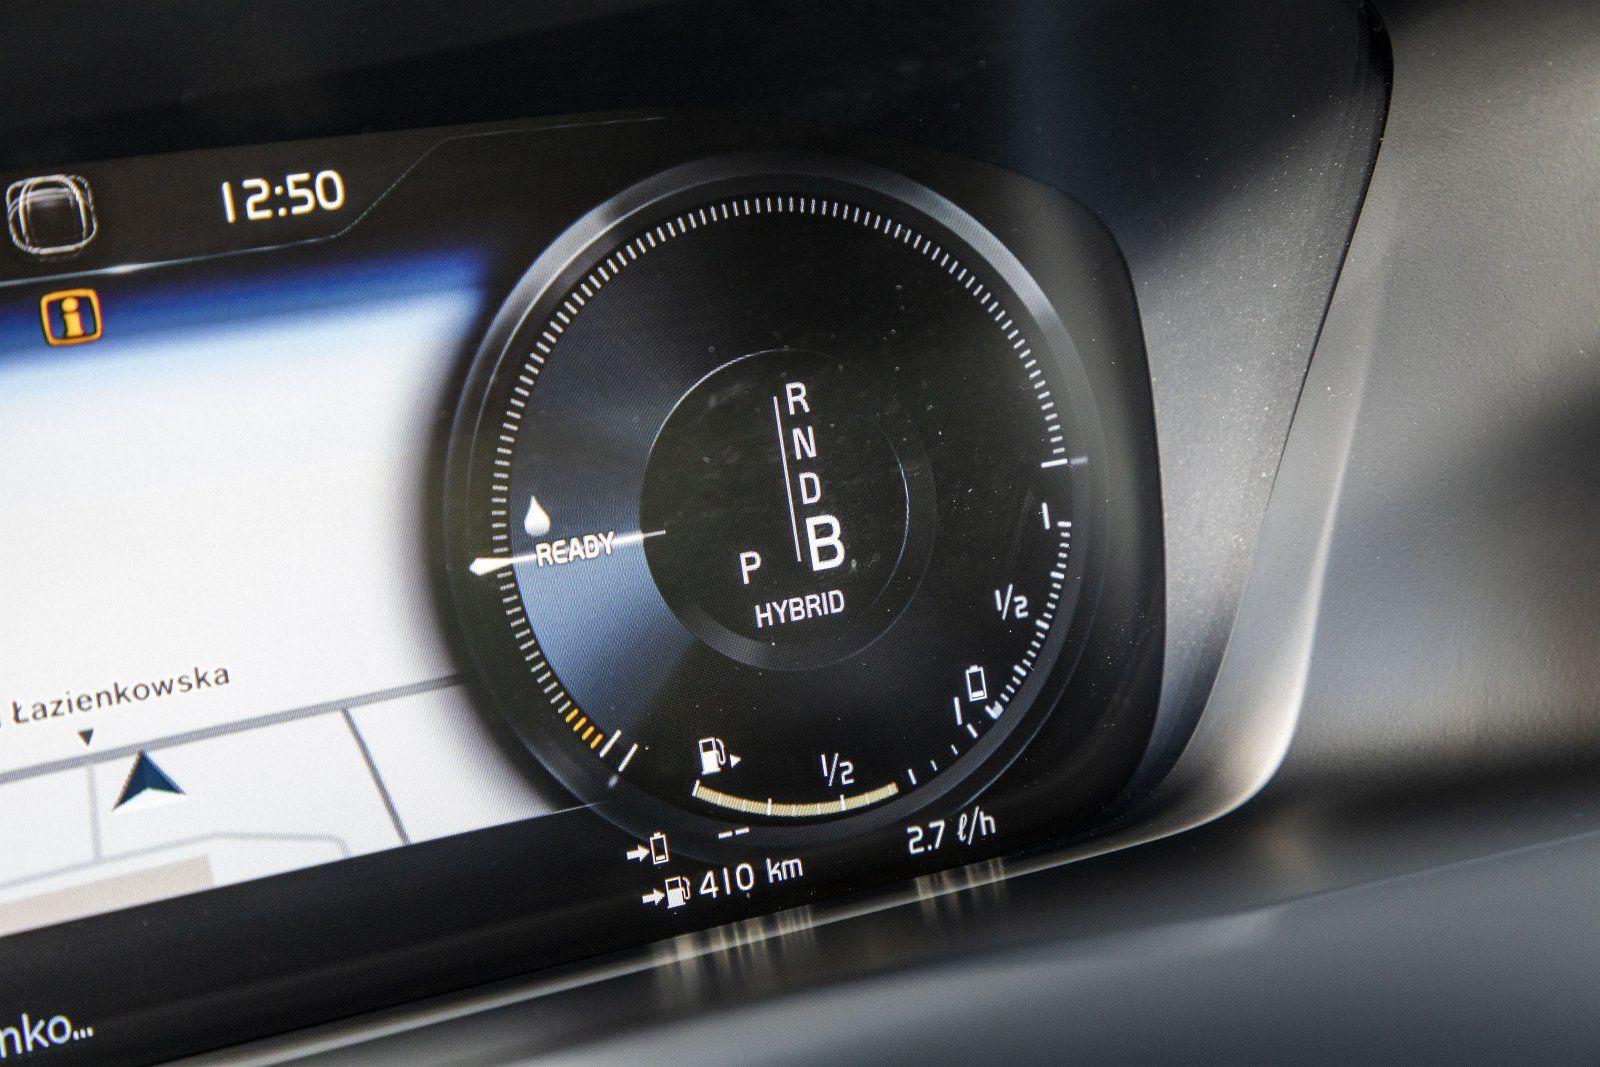 palanie zużycie paliwa – suv volvo xc90 spalanie